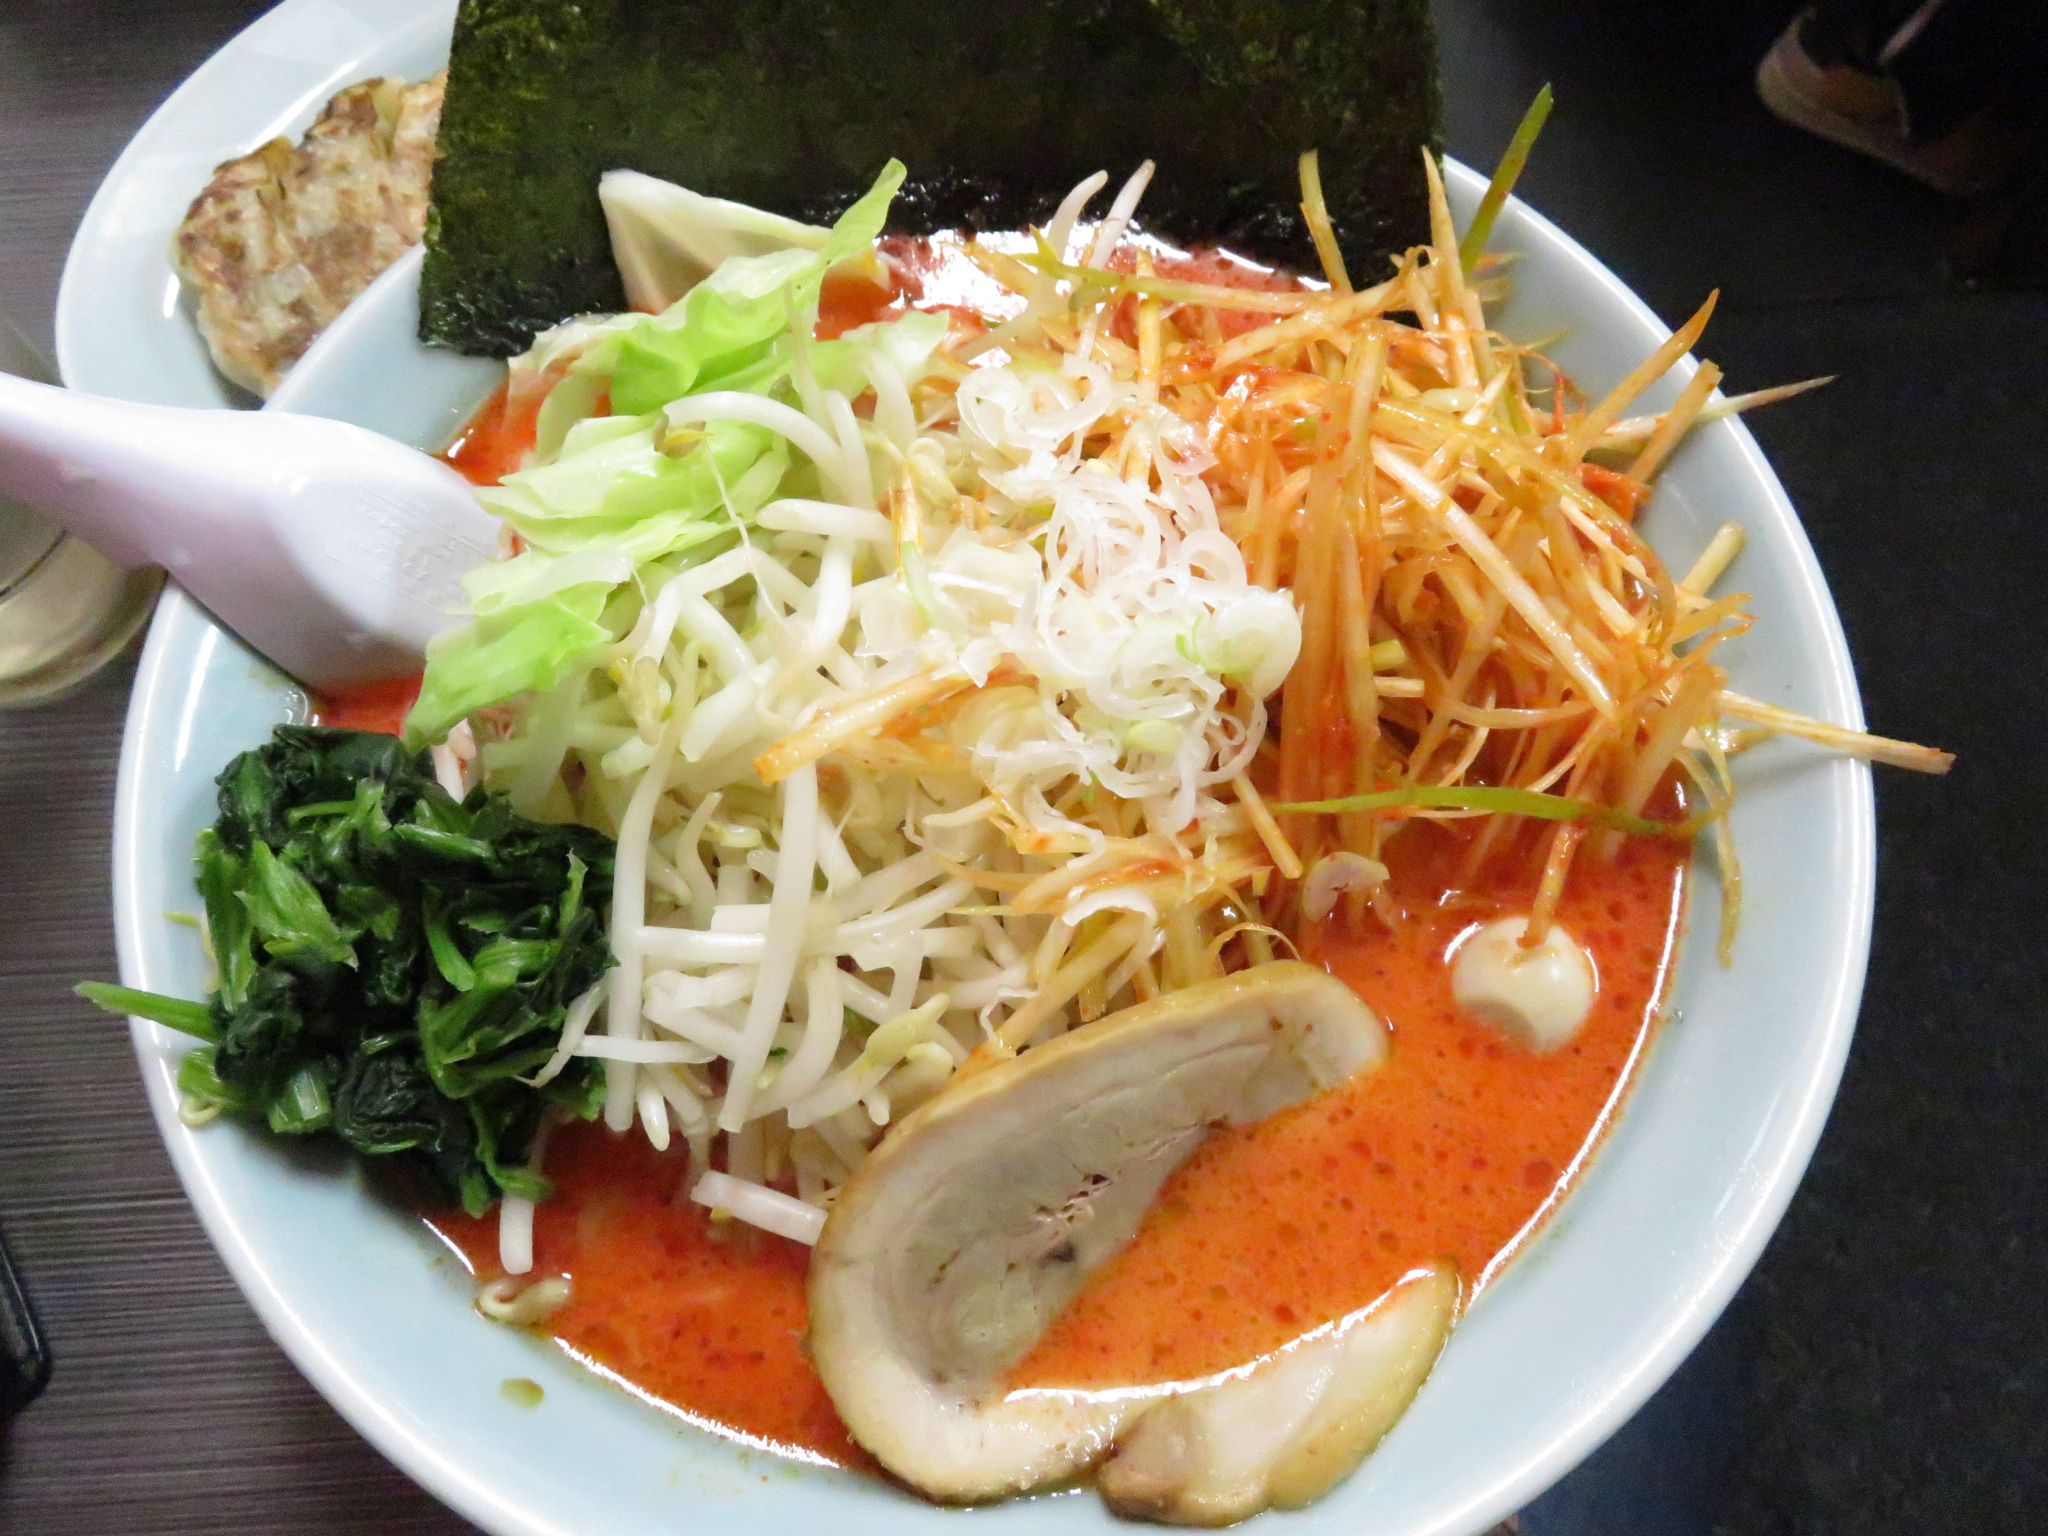 静岡のラーメン屋で食べたラーメン